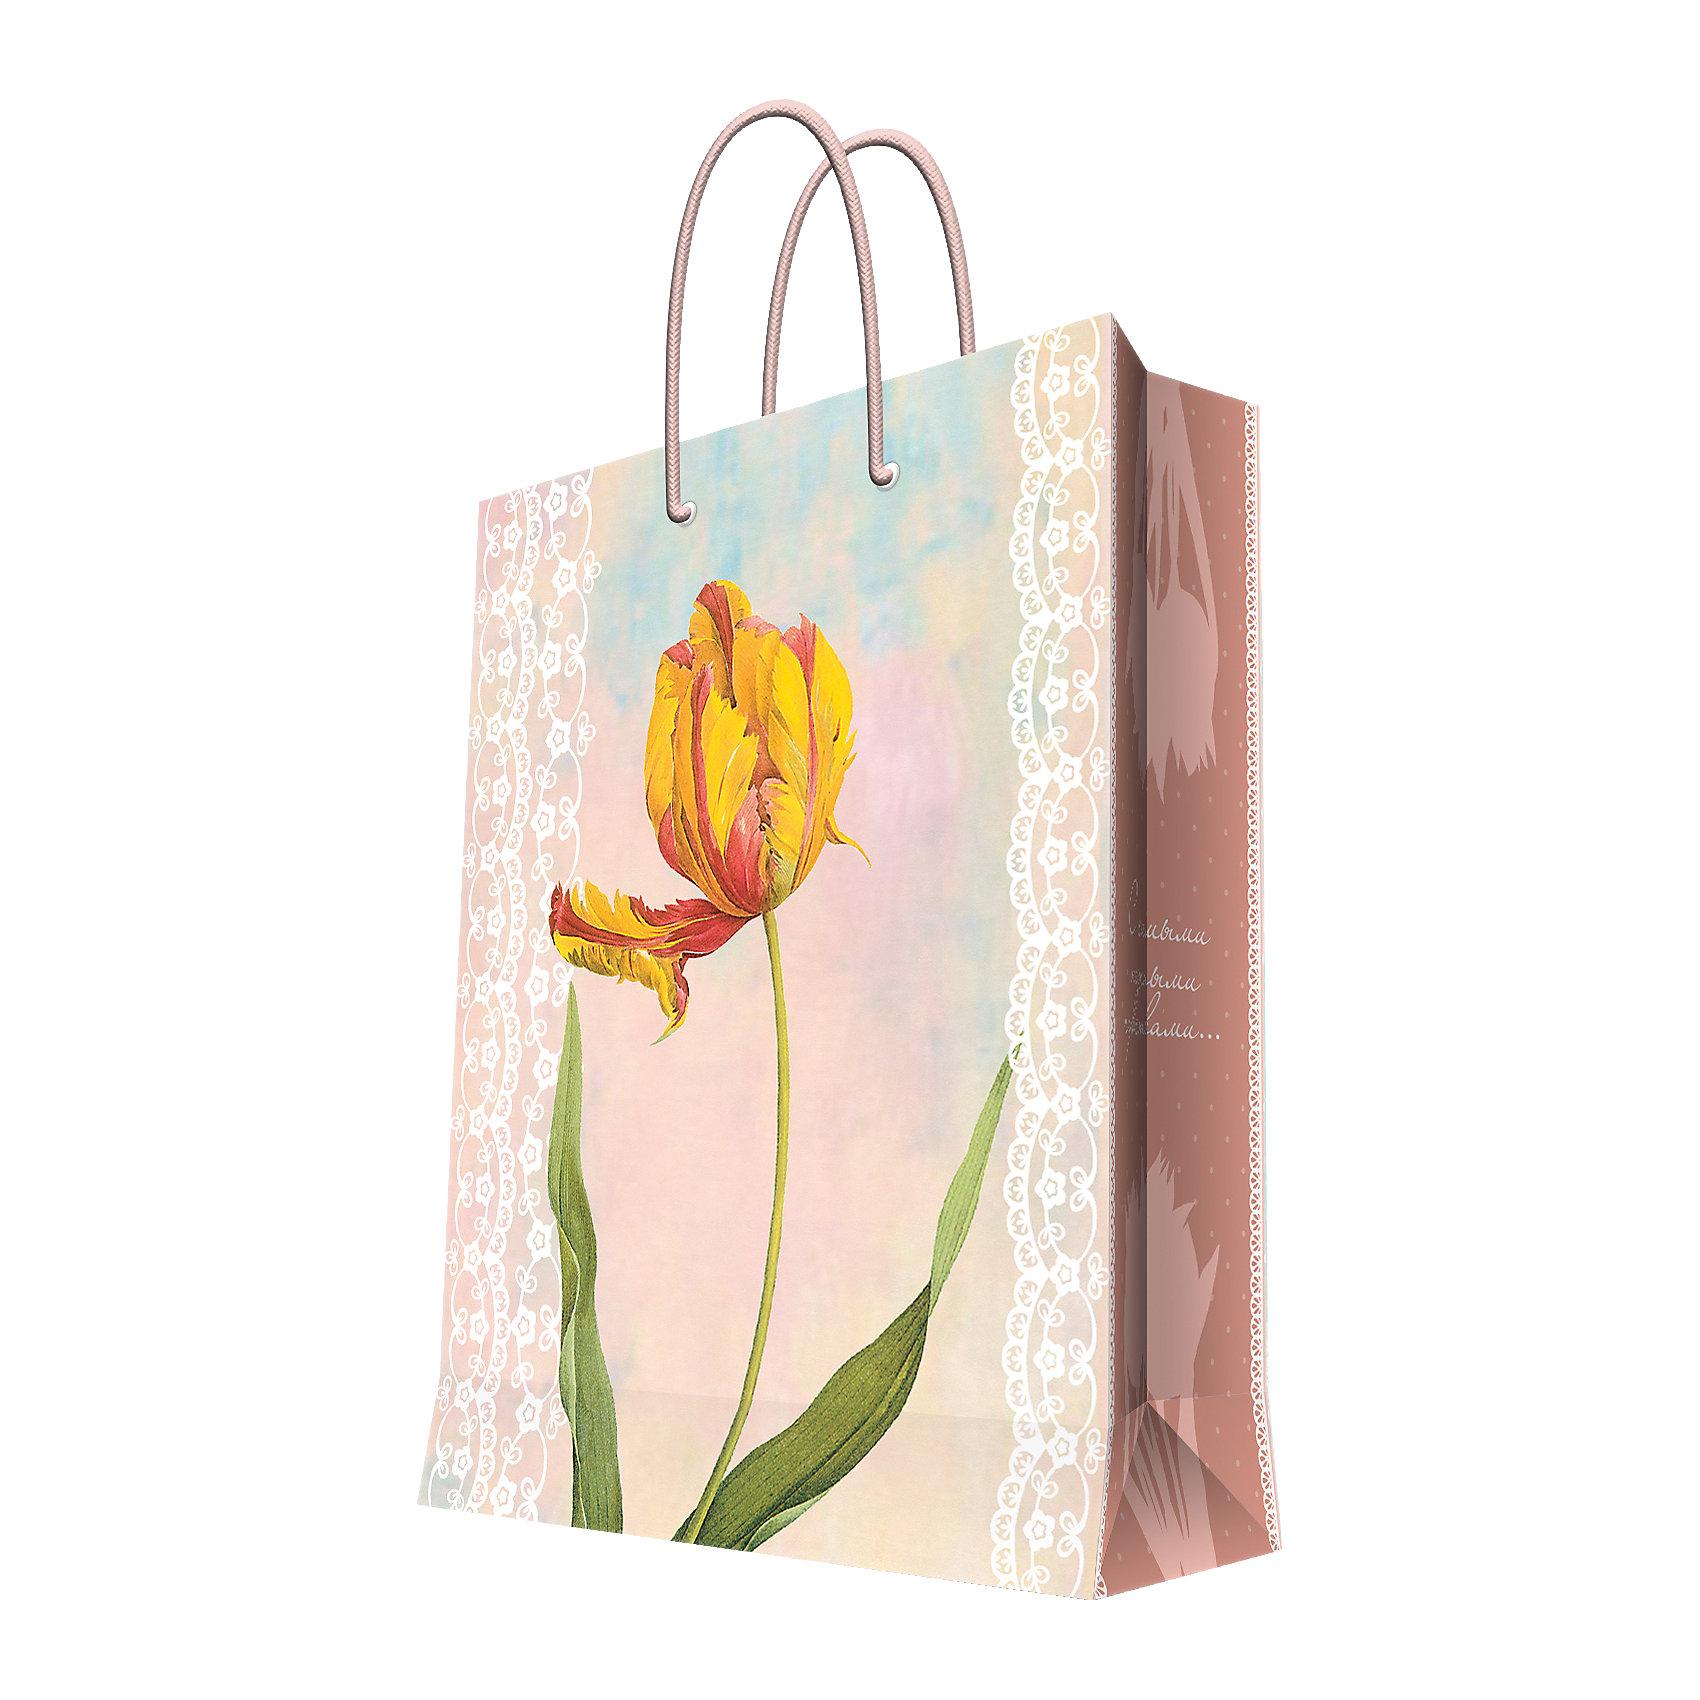 Феникс-Презент Подарочный пакет Тюльпан 26*32,4*12,7 см magic time подарочный пакет новогодняя лампа 26 32 4 12 7 см